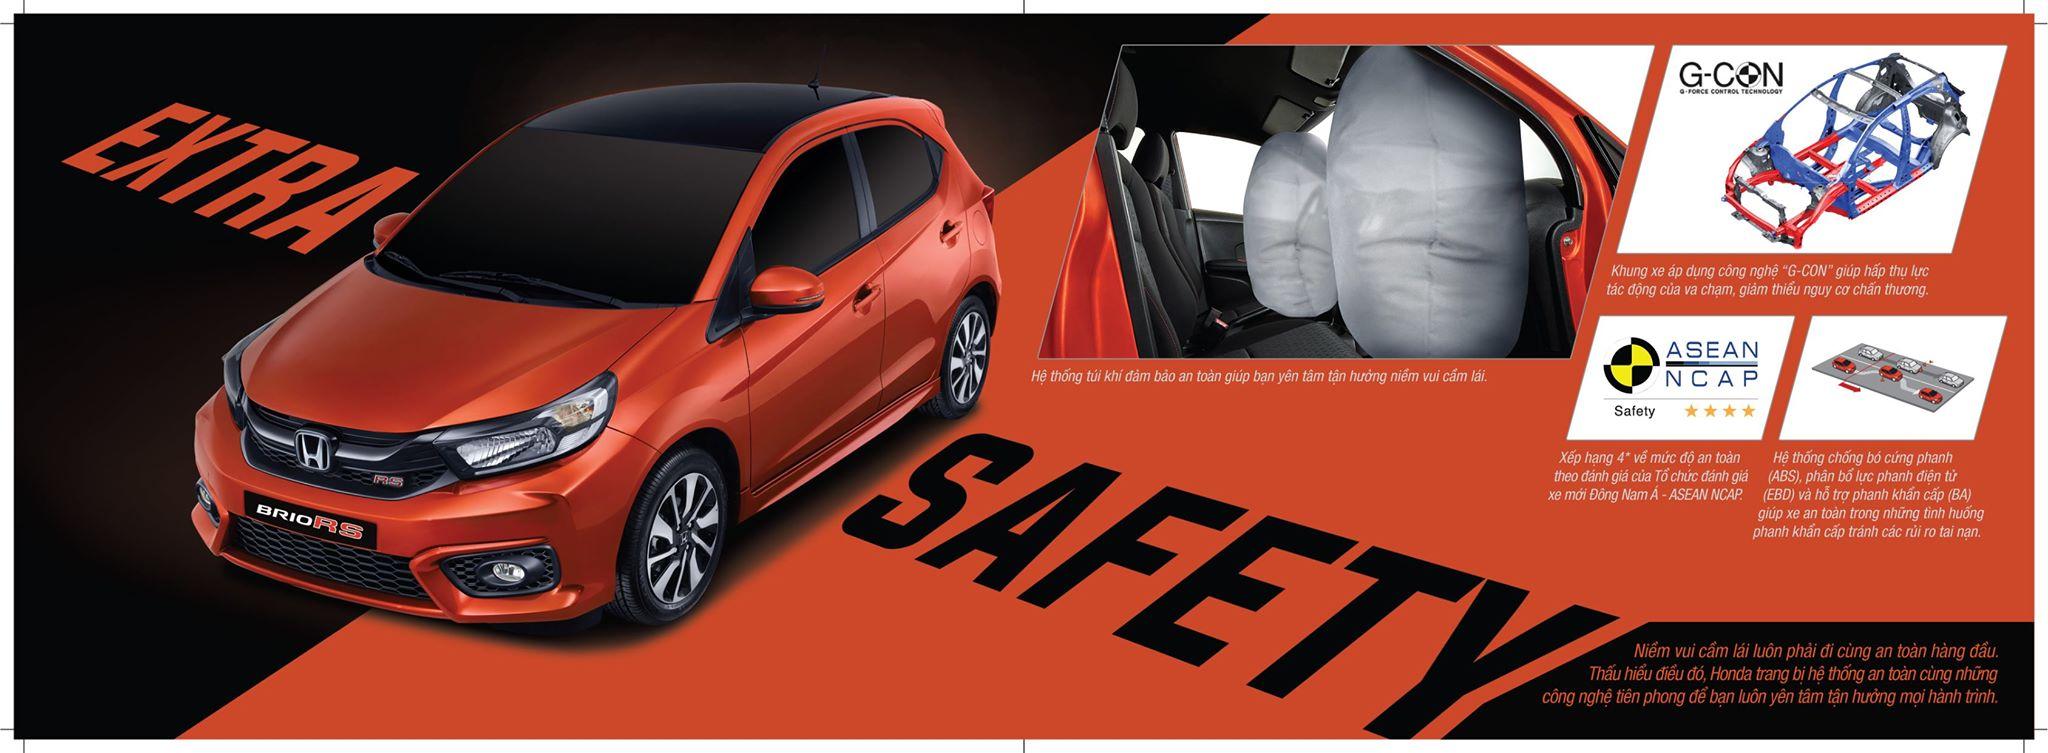 Tính năng an toàn Honda Brio 2021 - Honda Ô tô Nha Trang - Honda Ô tô Khánh Hòa - 0905 069 259